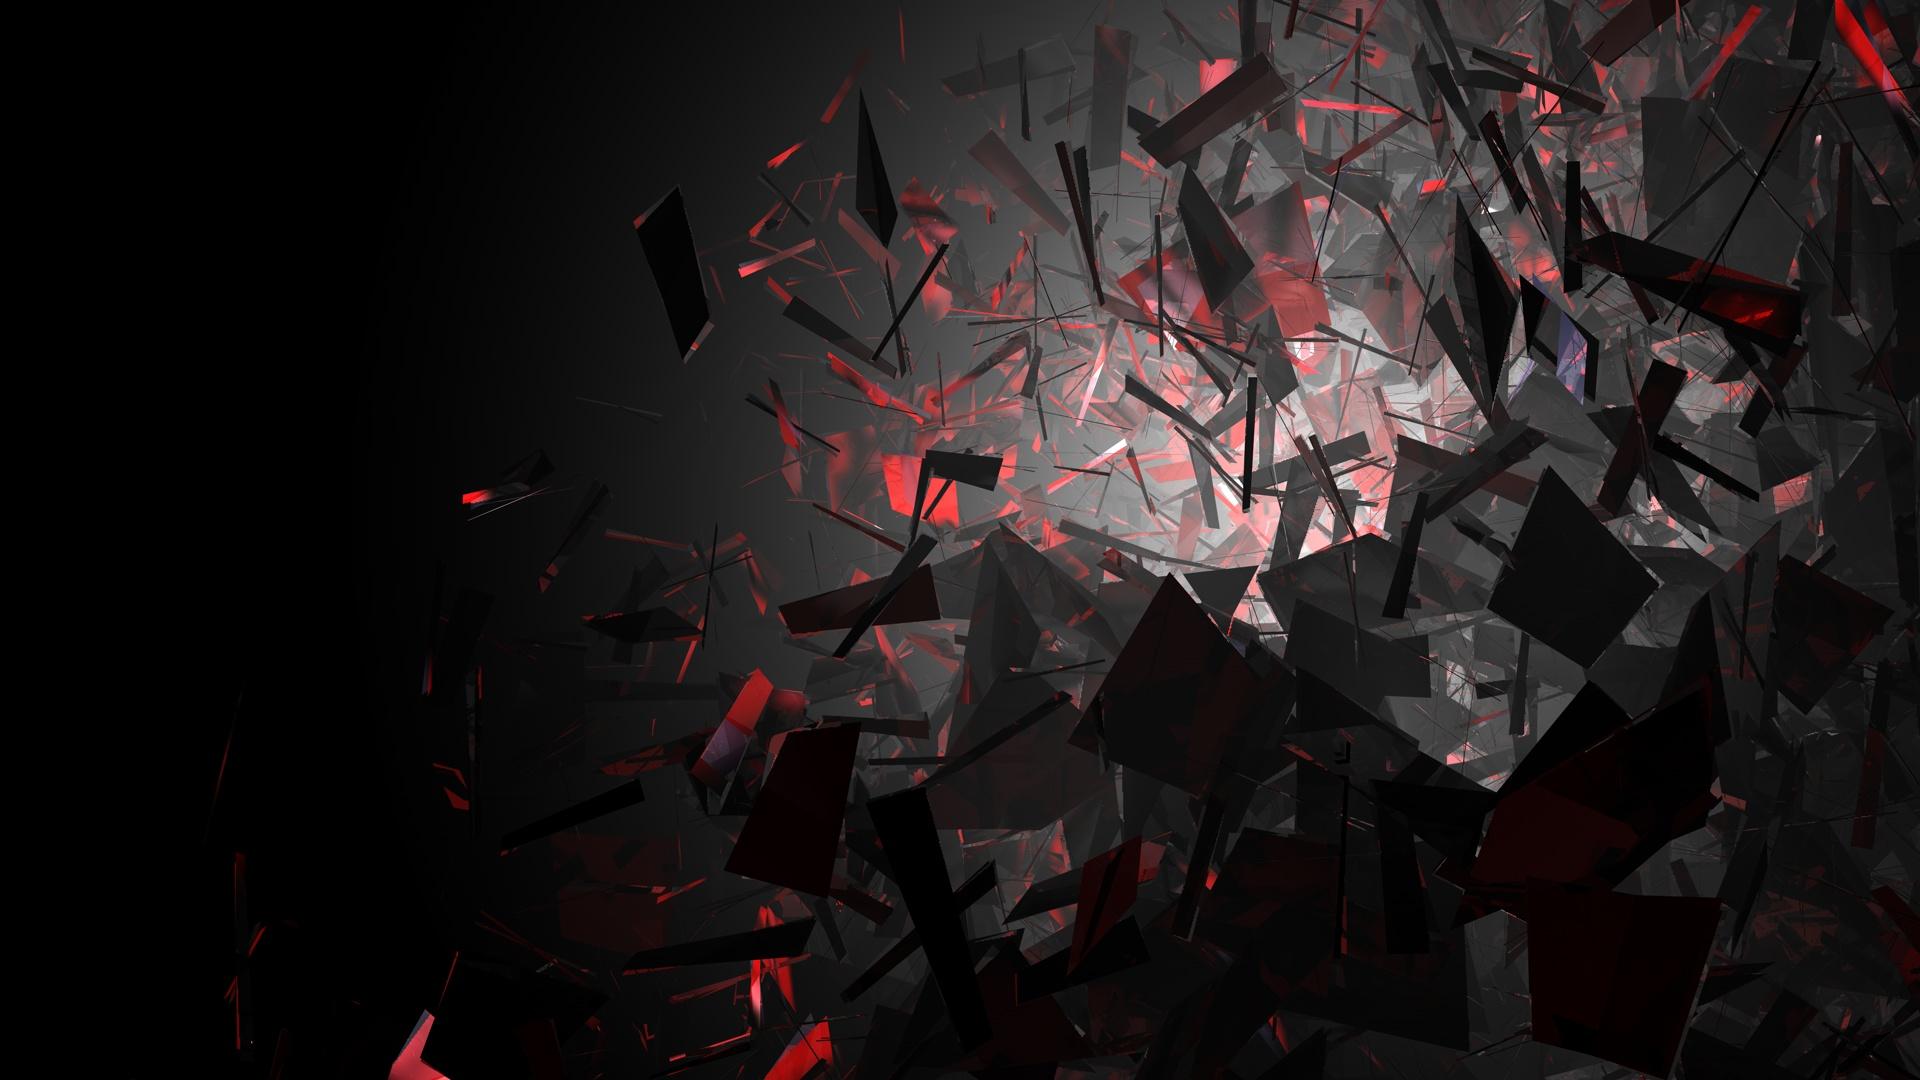 Abstrakt - Dunkel  - Rot - Abstrakt - Art Hintergrundbild